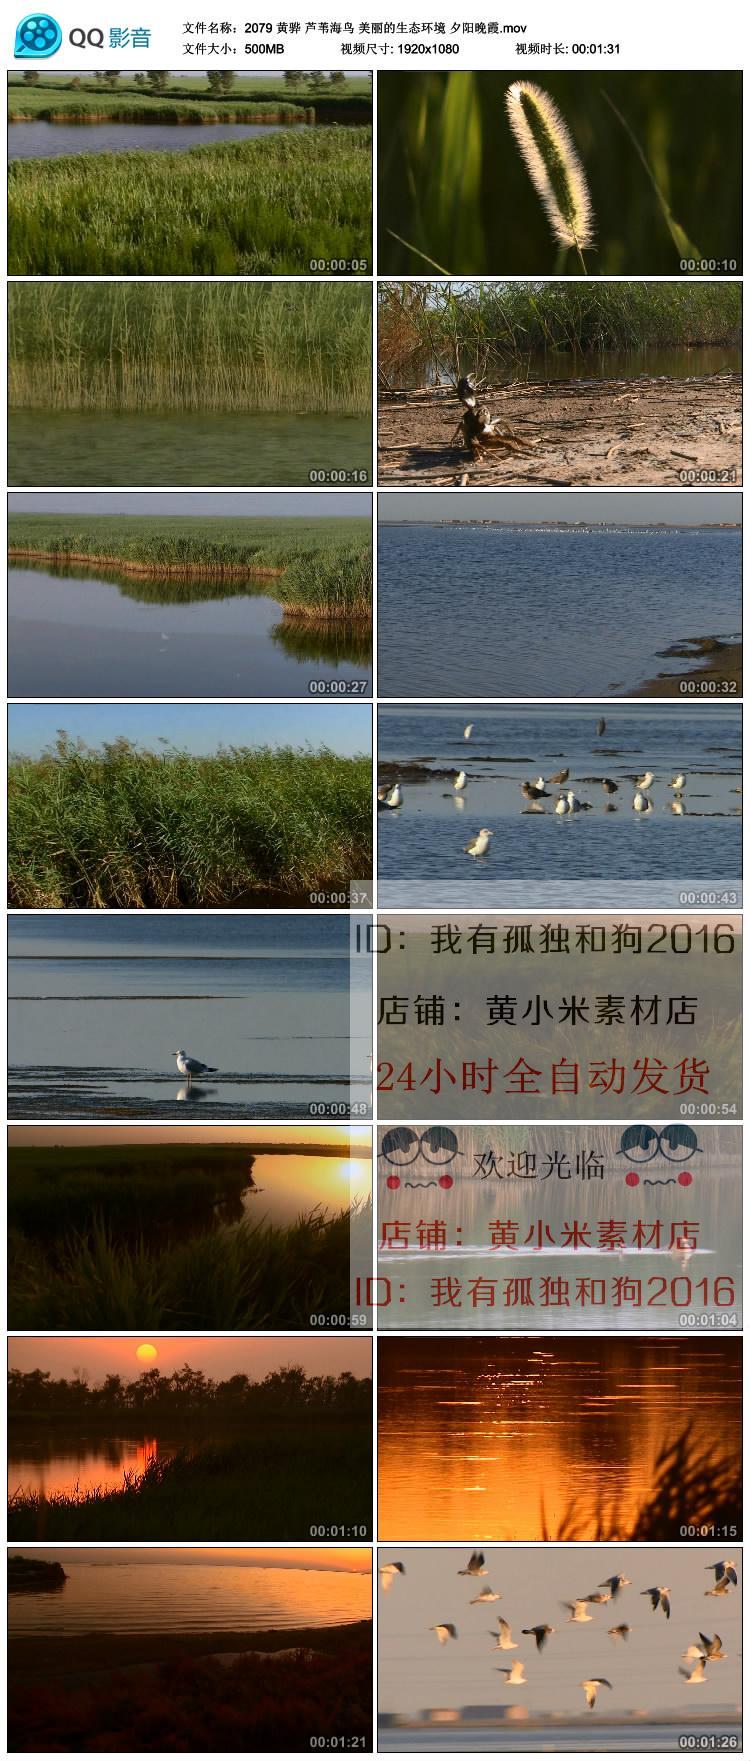 黄骅风光 芦苇海鸟 美丽的生态环境 夕阳晚霞 高清实拍视频素材